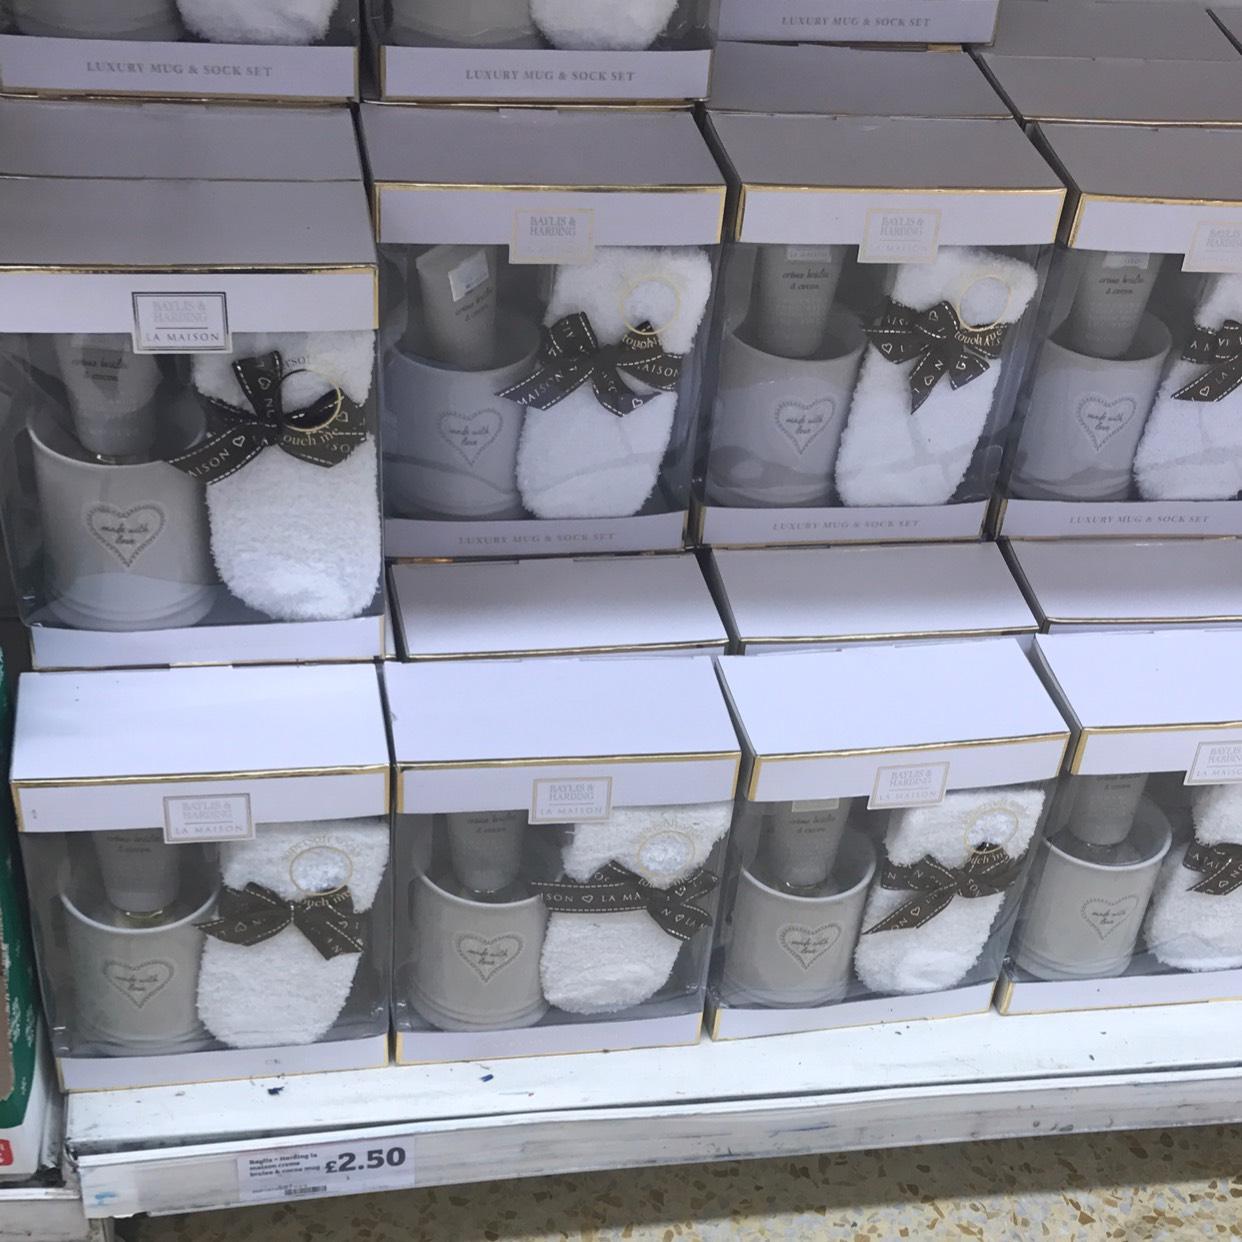 Baylis & Harding La Maison Luxury Mug & Sock gift set £2.50 @ Sainsbury's instore